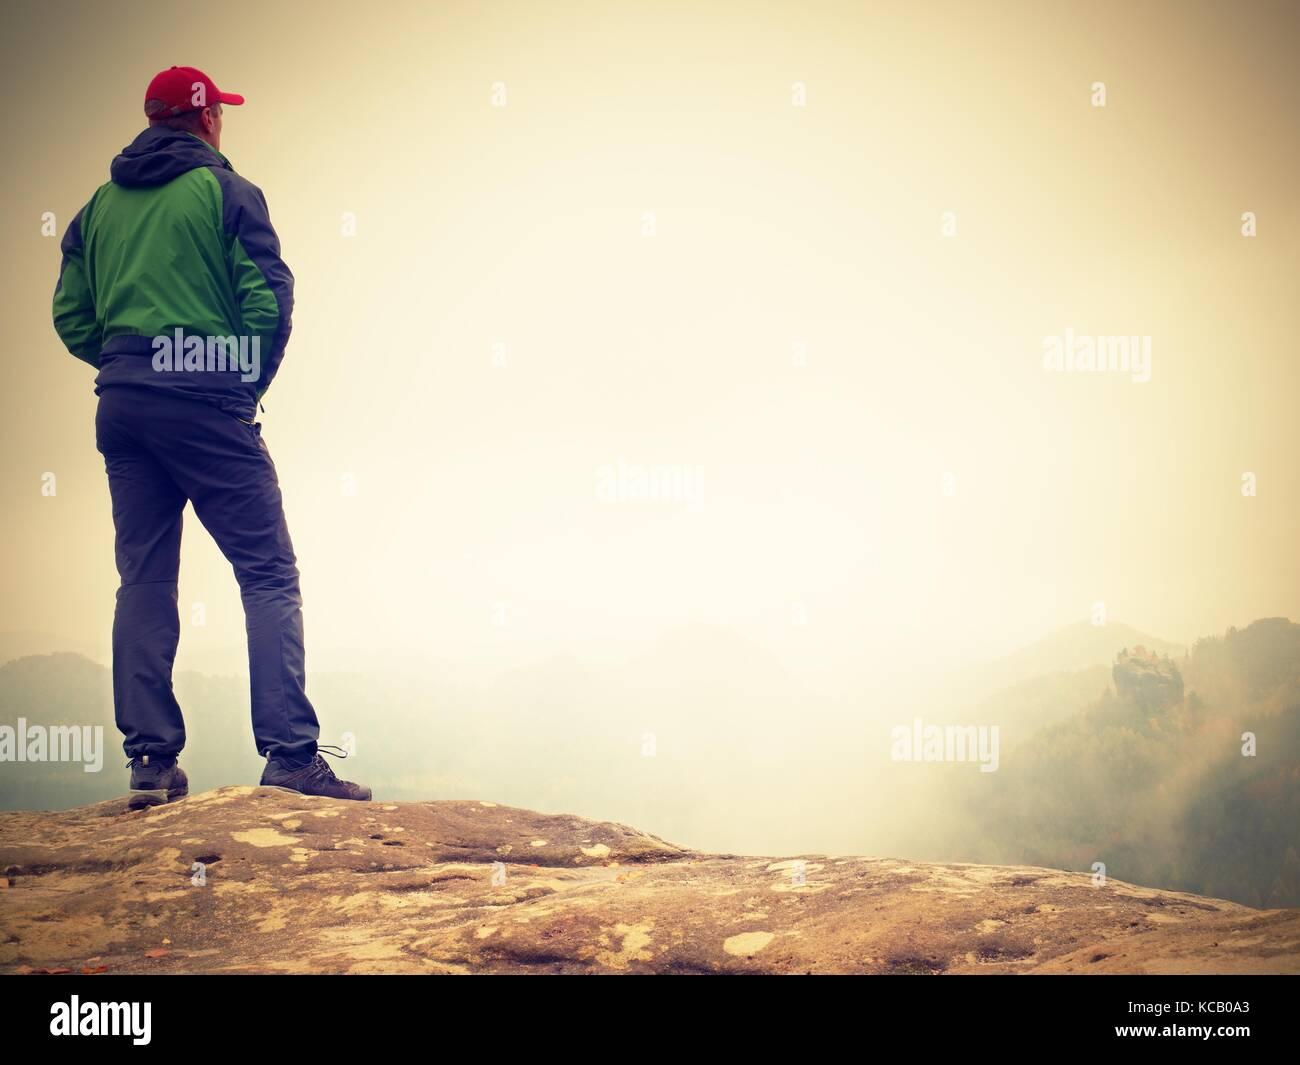 Joven negro sportswear está sentado sobre el borde del acantilado y mirar a Misty valle abajo. El clima frío Imagen De Stock